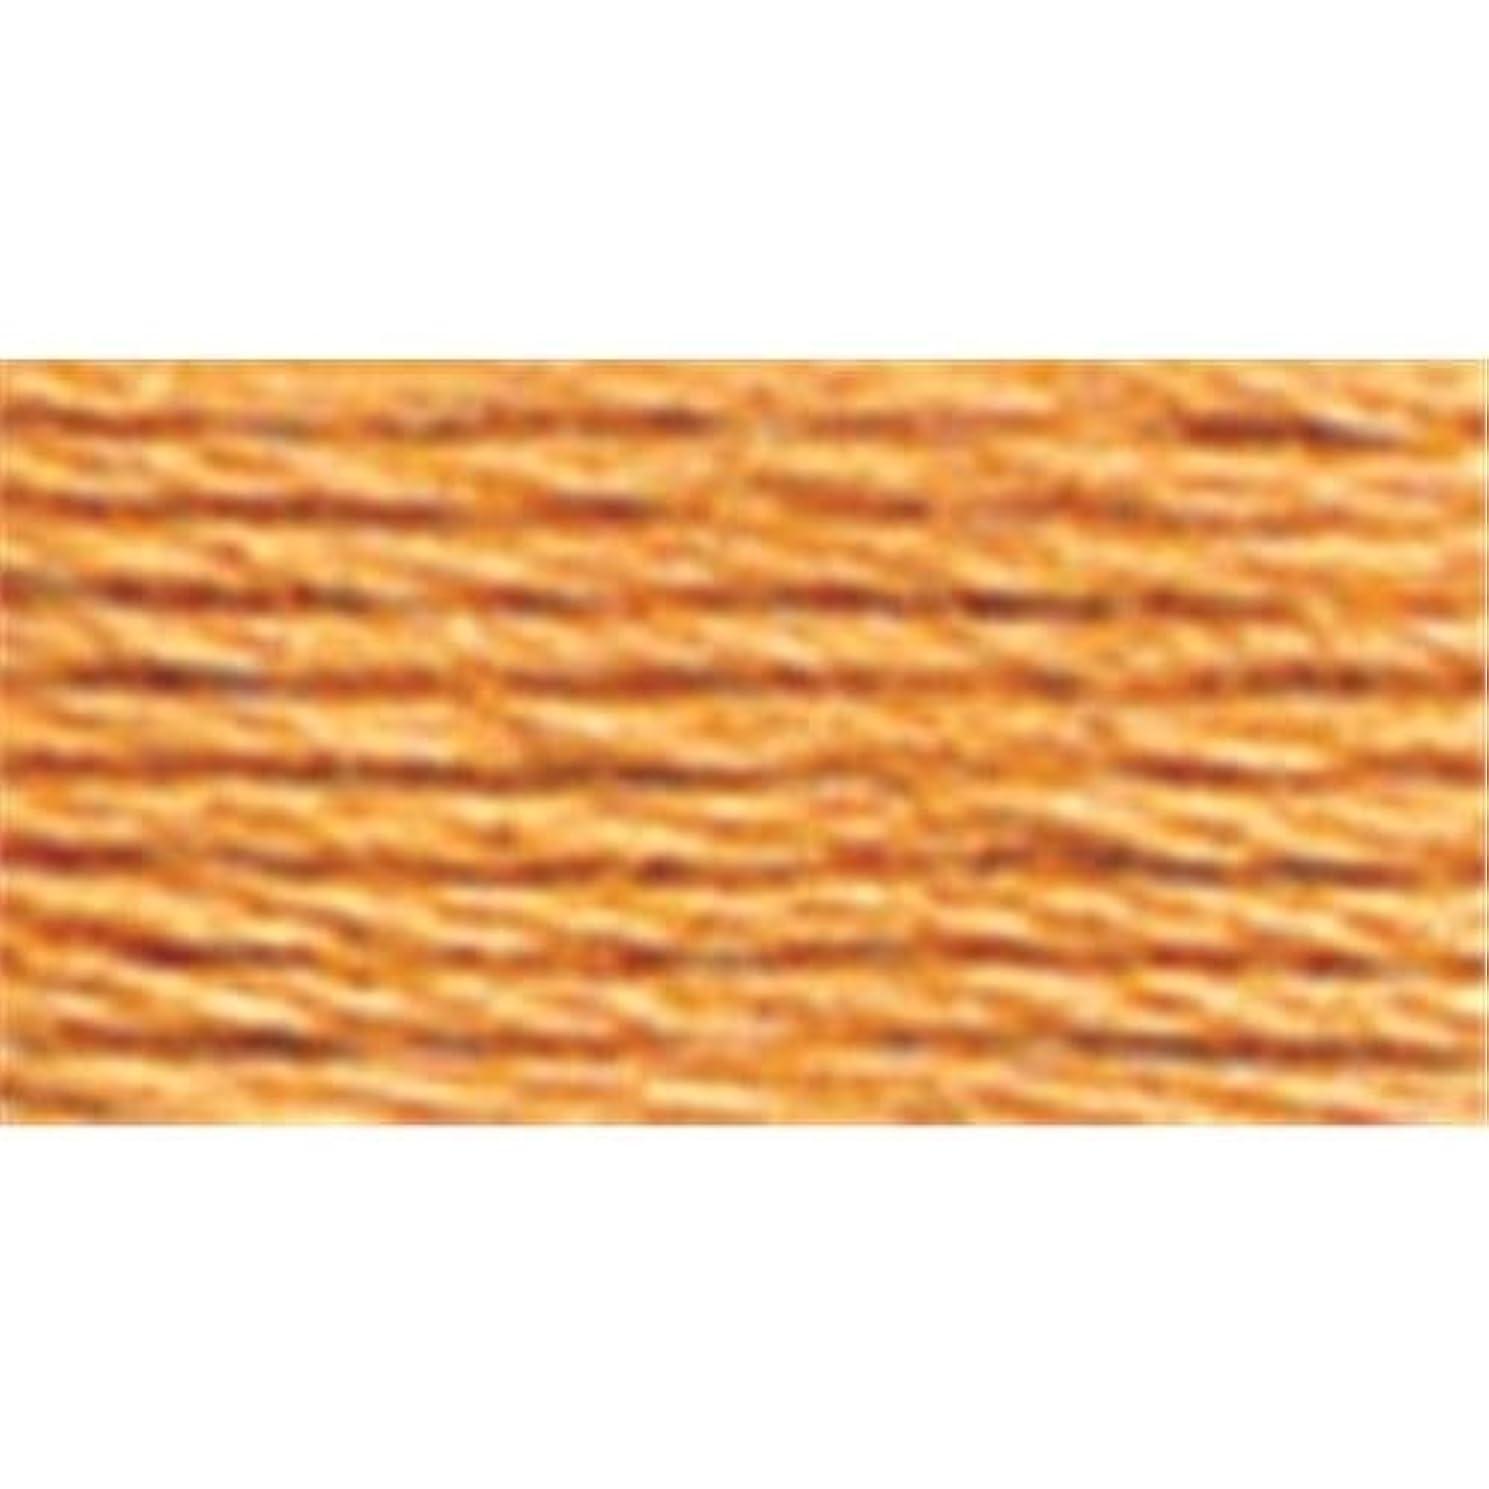 DMC 115 3-402 Pearl Cotton Thread, Very Light Mahogany